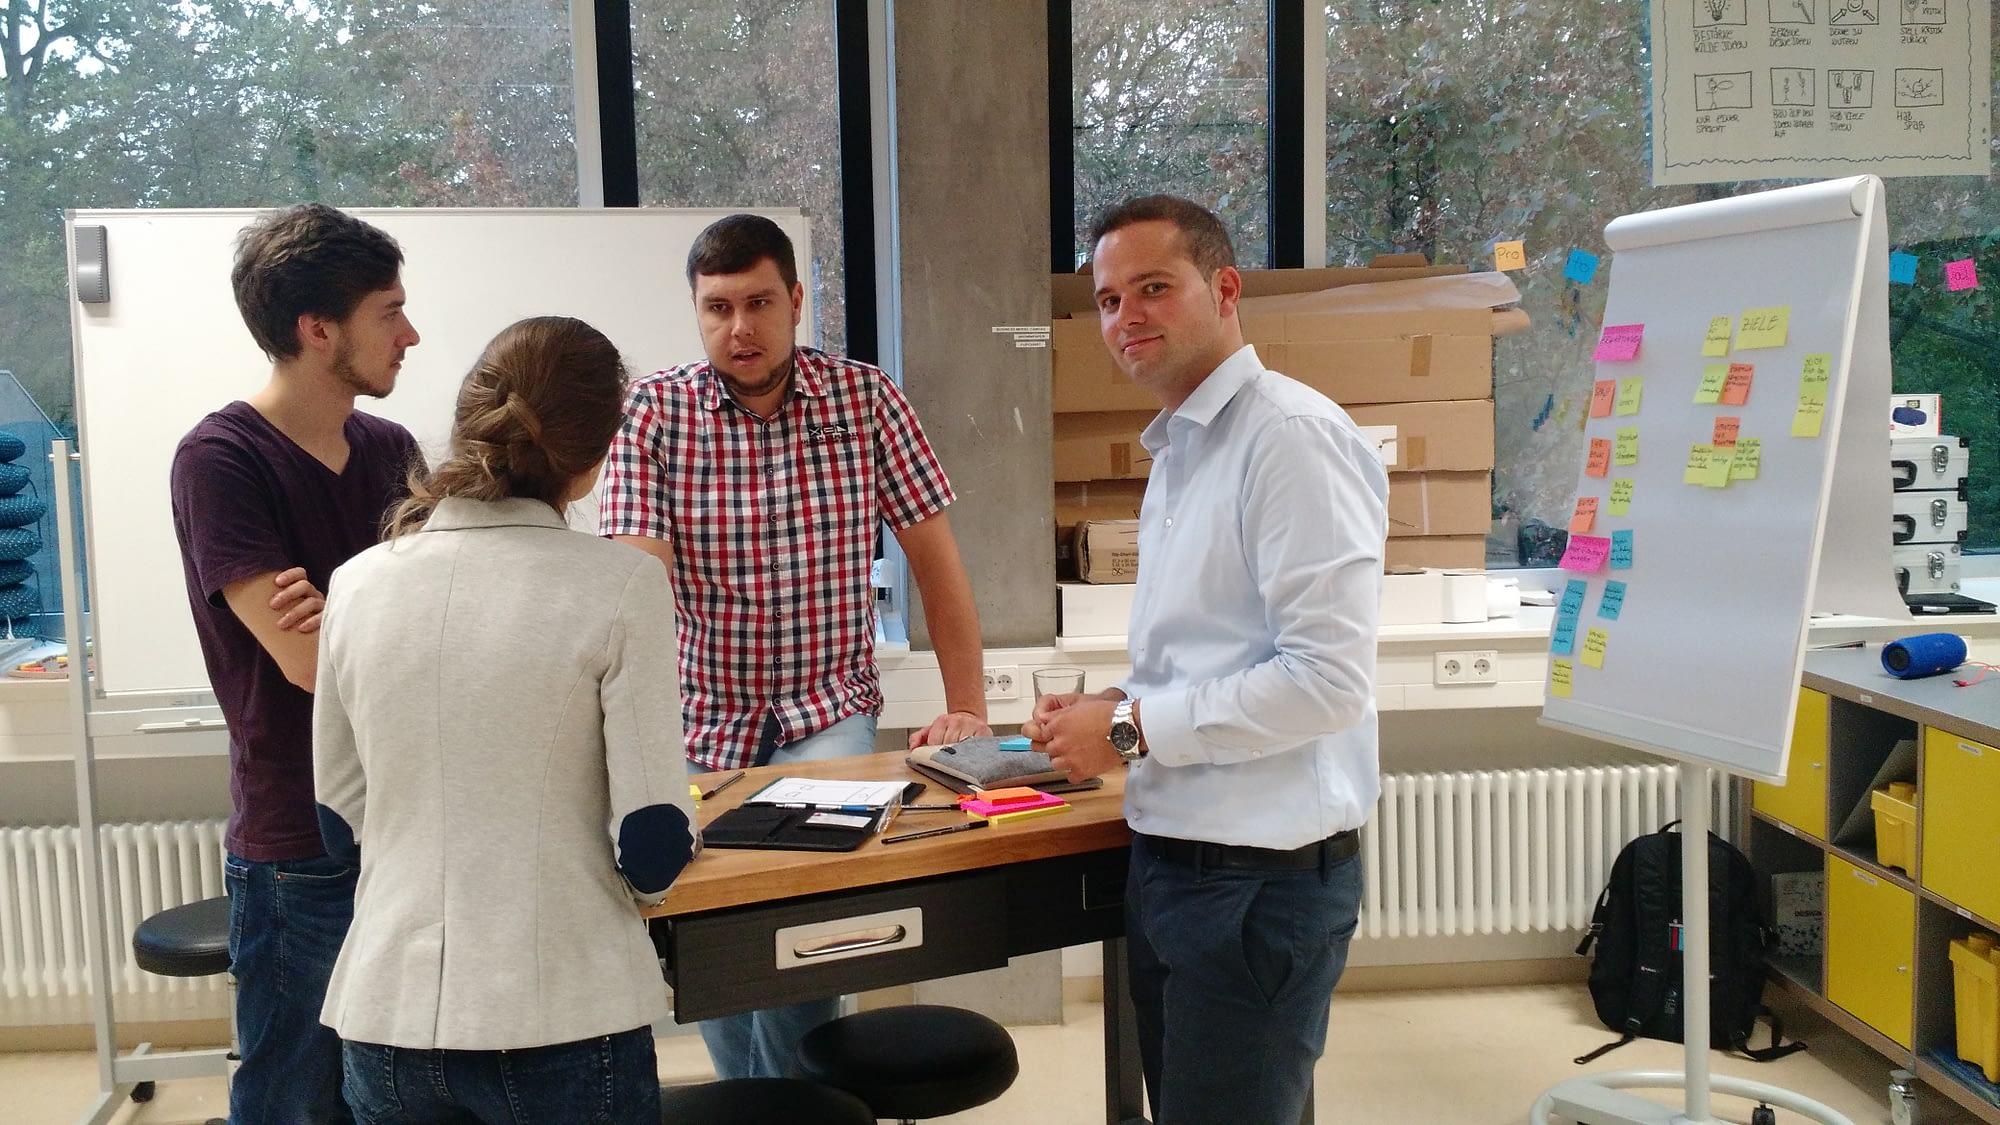 Hybrides Lernen: Lehrkonzept bringt Theorie und Praxis zum Thema Entrepreneurship zusammen